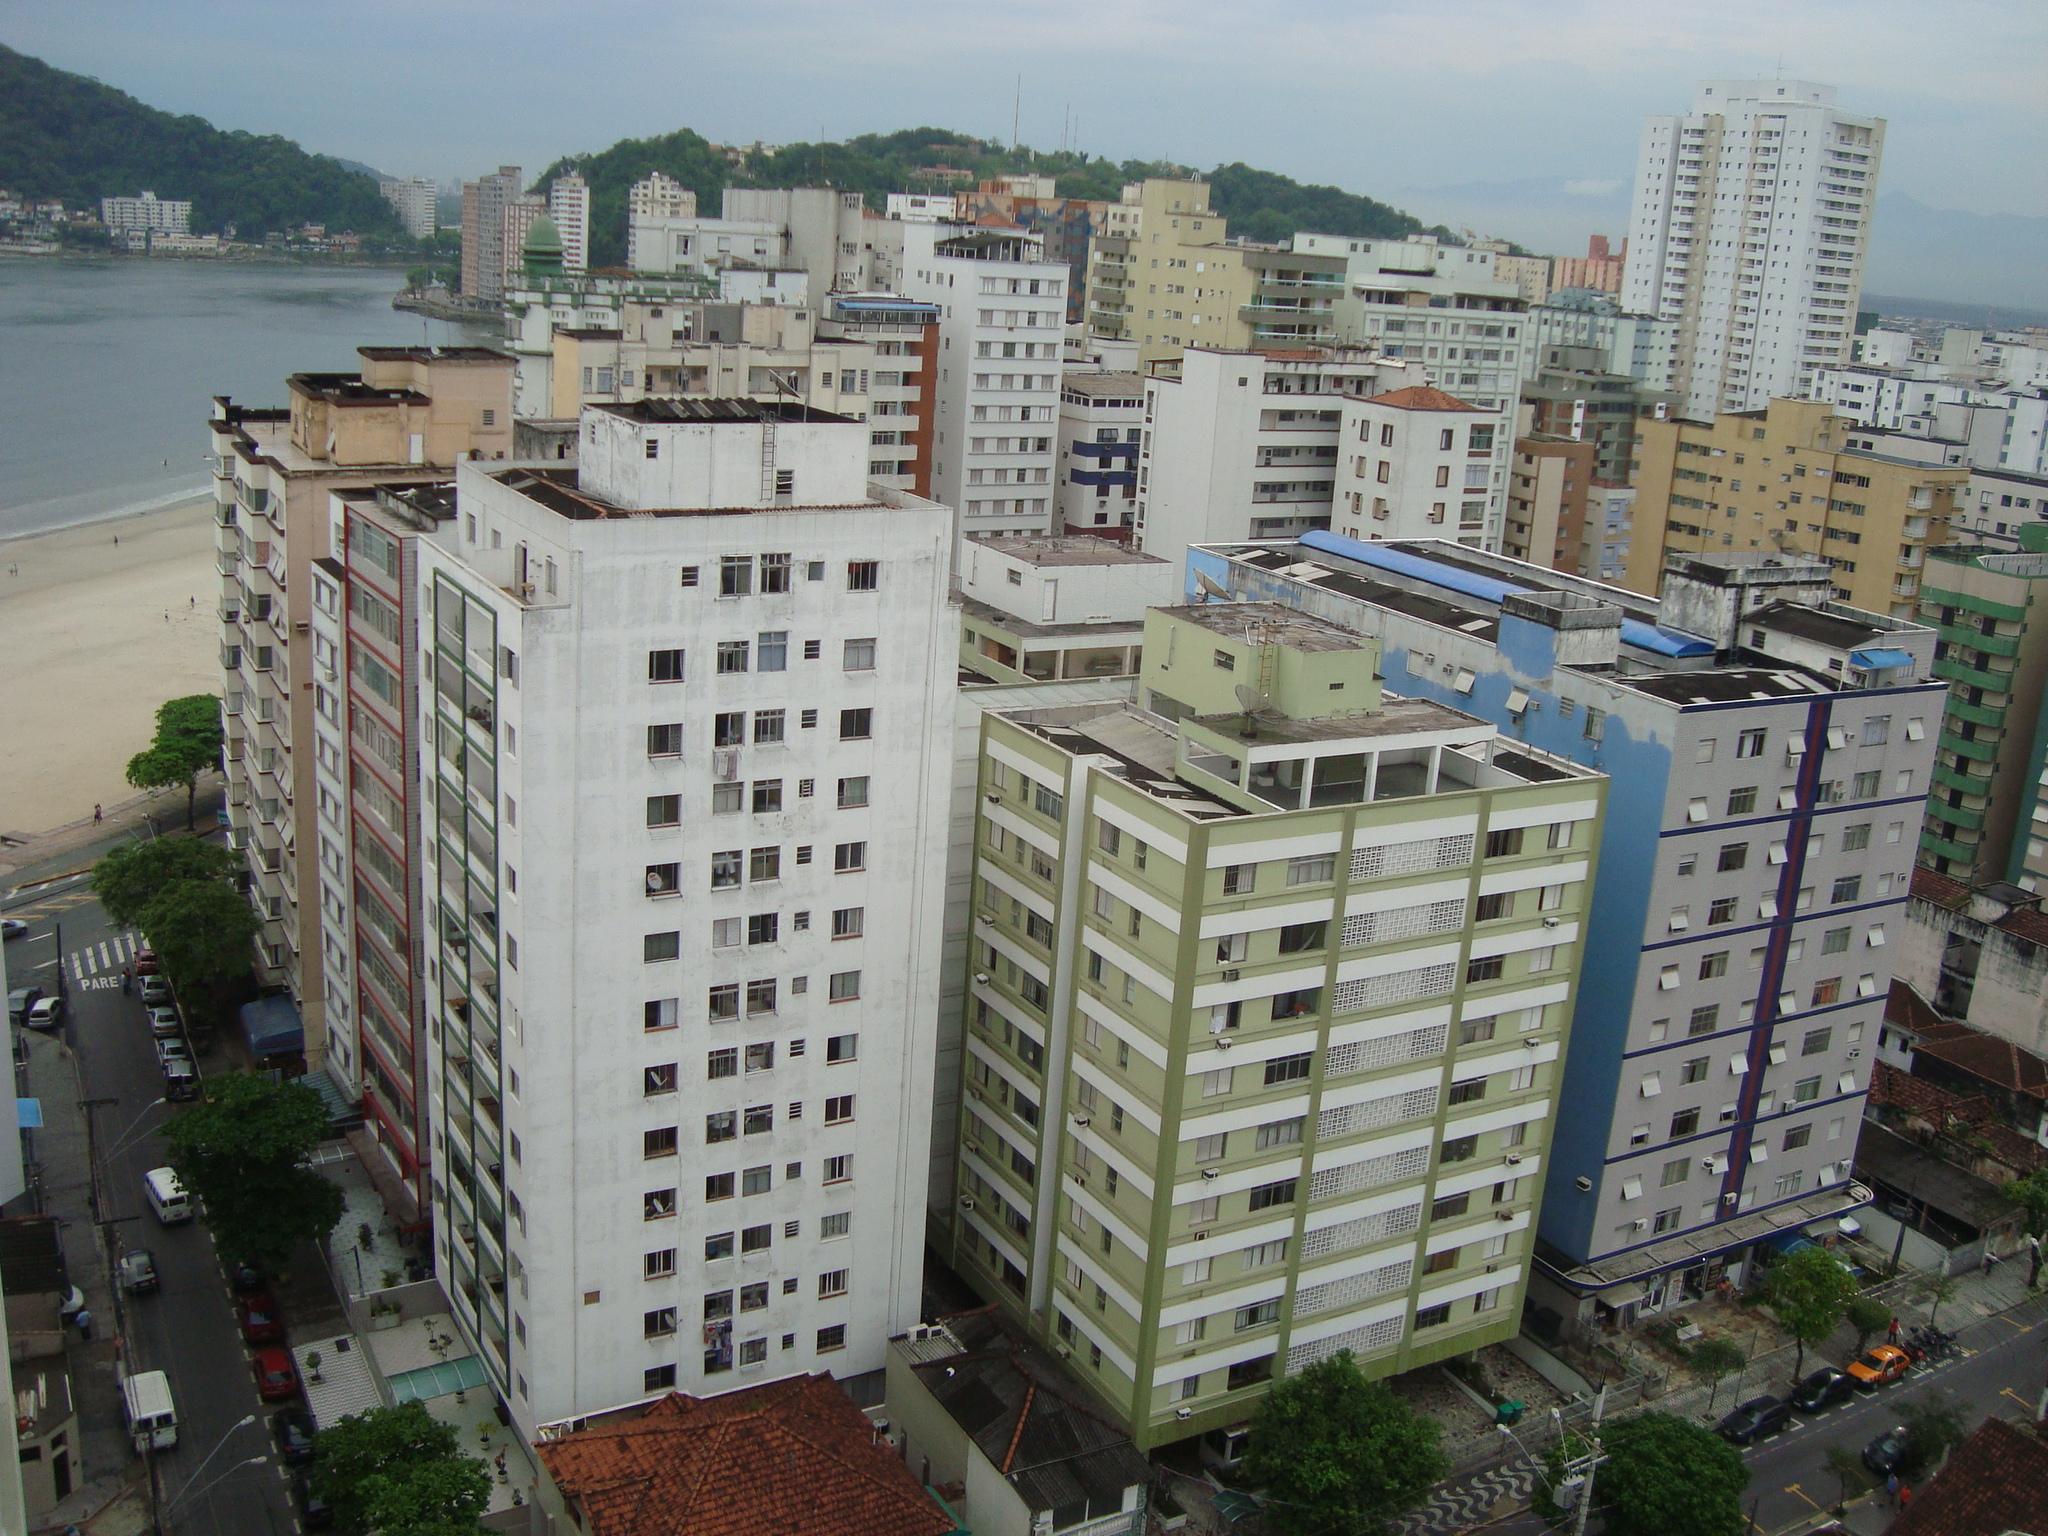 Urban density, São Vicente